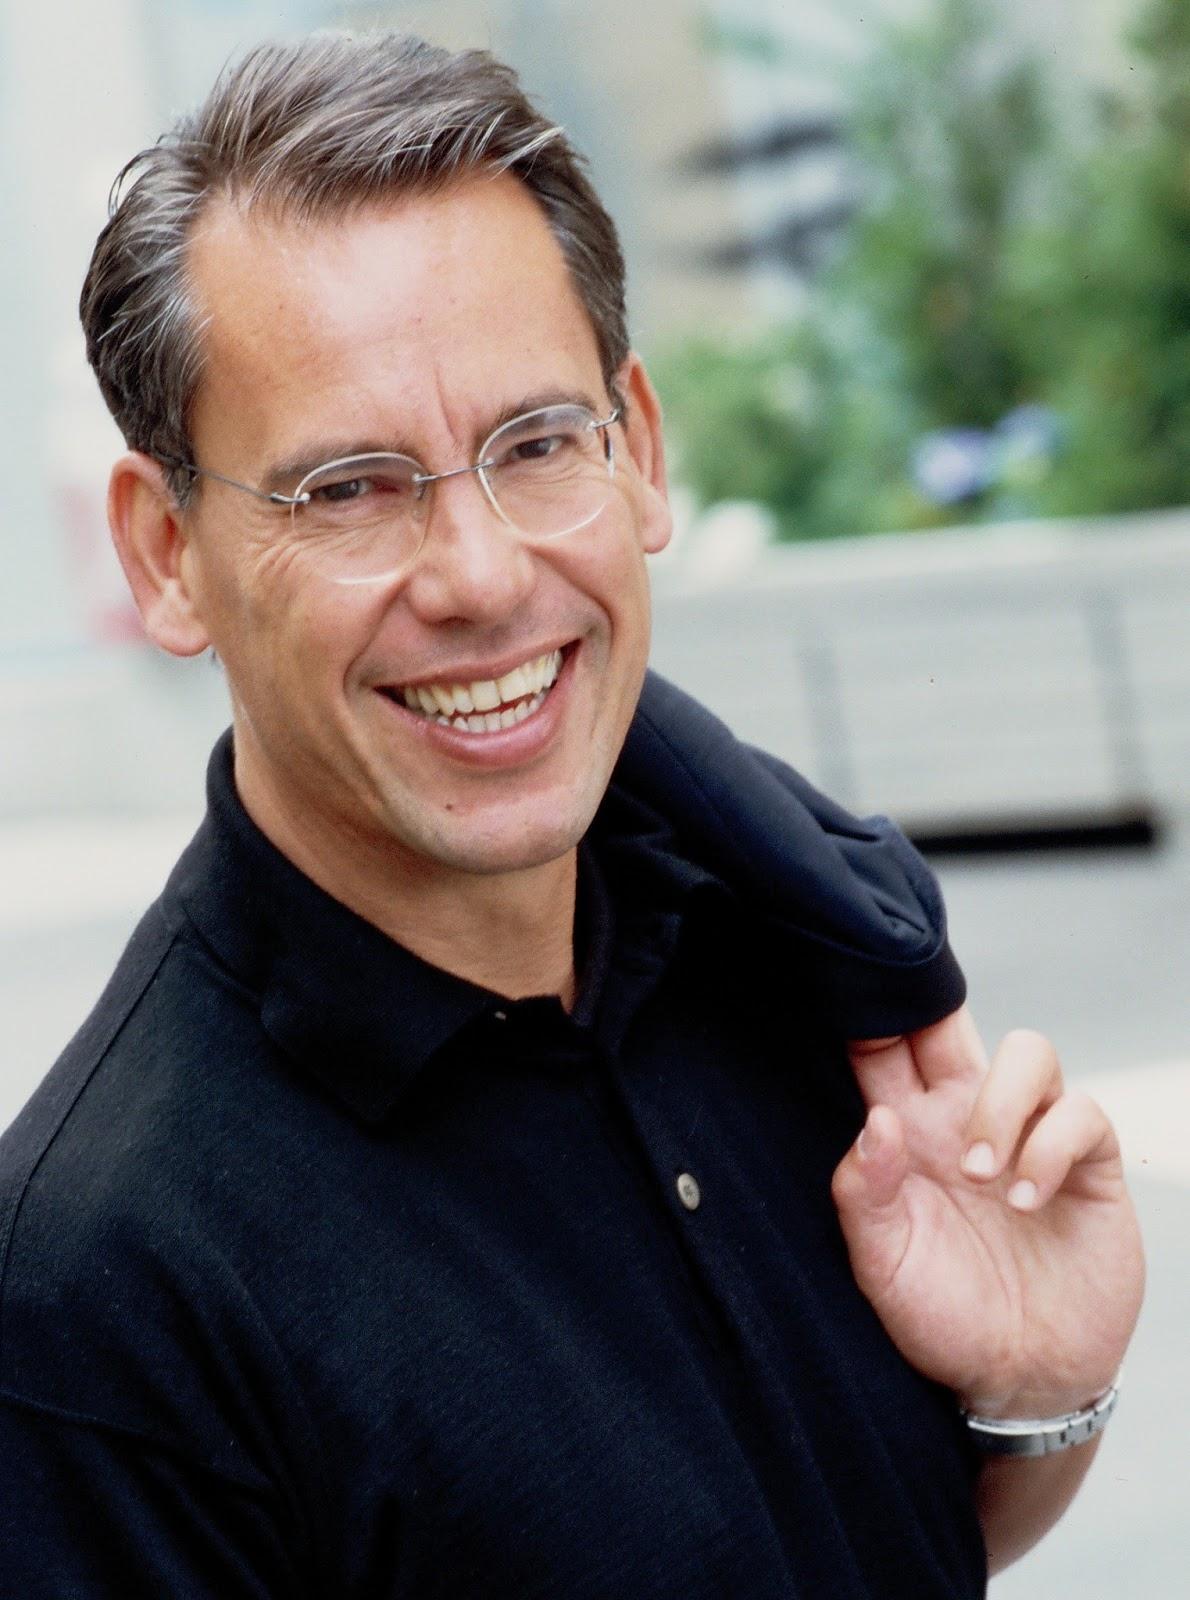 Matthias Tuchmann Gestorben